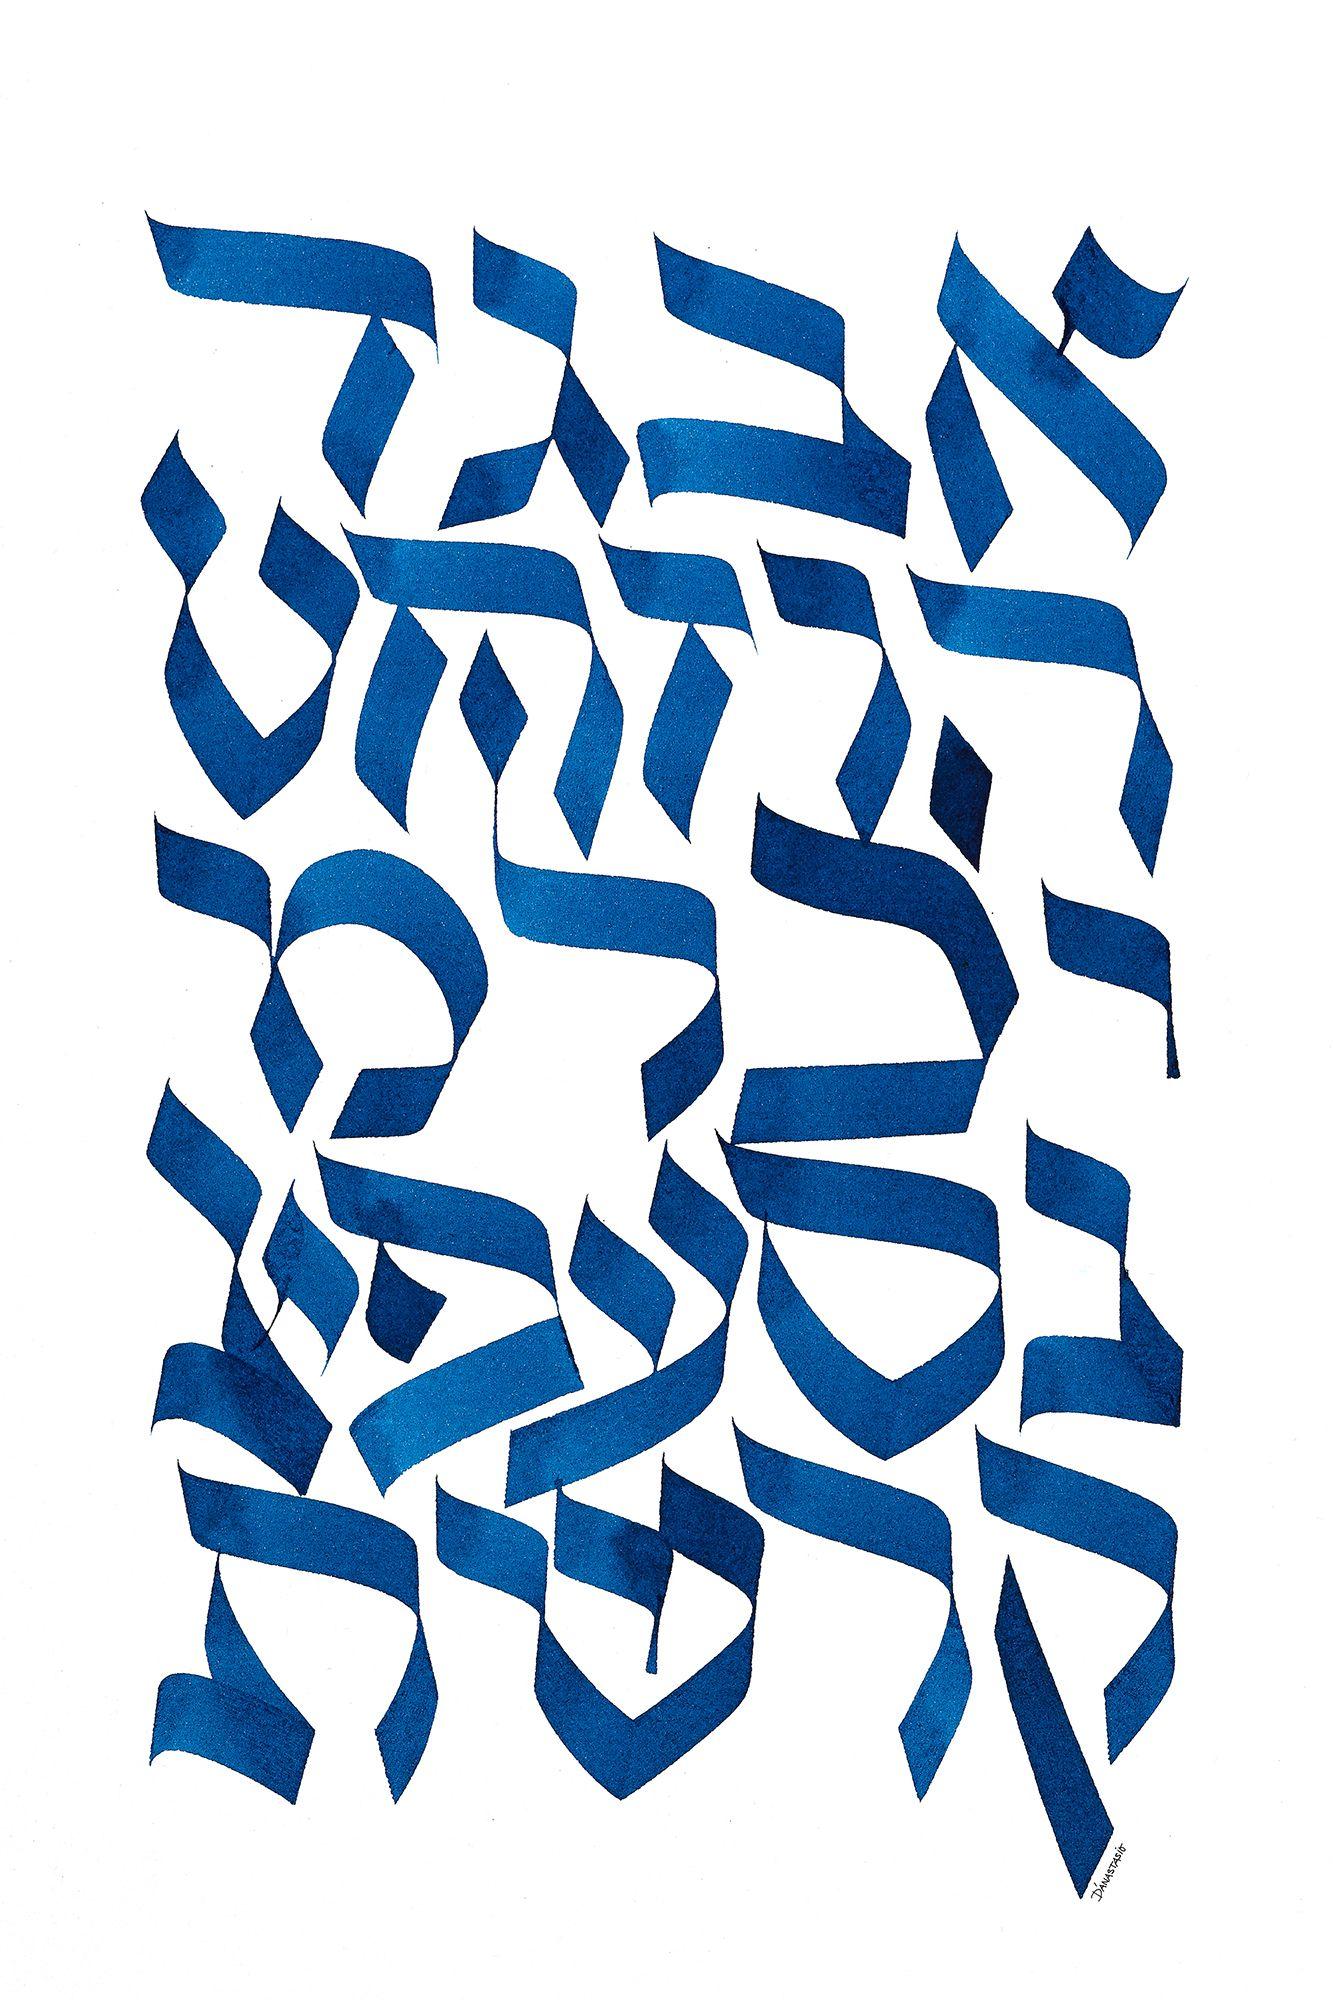 Hebrew Calligraphy Alphabet L Alphabet Hebraique Cree Par Michel D Anastasio Pour Toutes Modern Calligraphy Alphabet Caligraphy Alphabet Calligraphy Alphabet